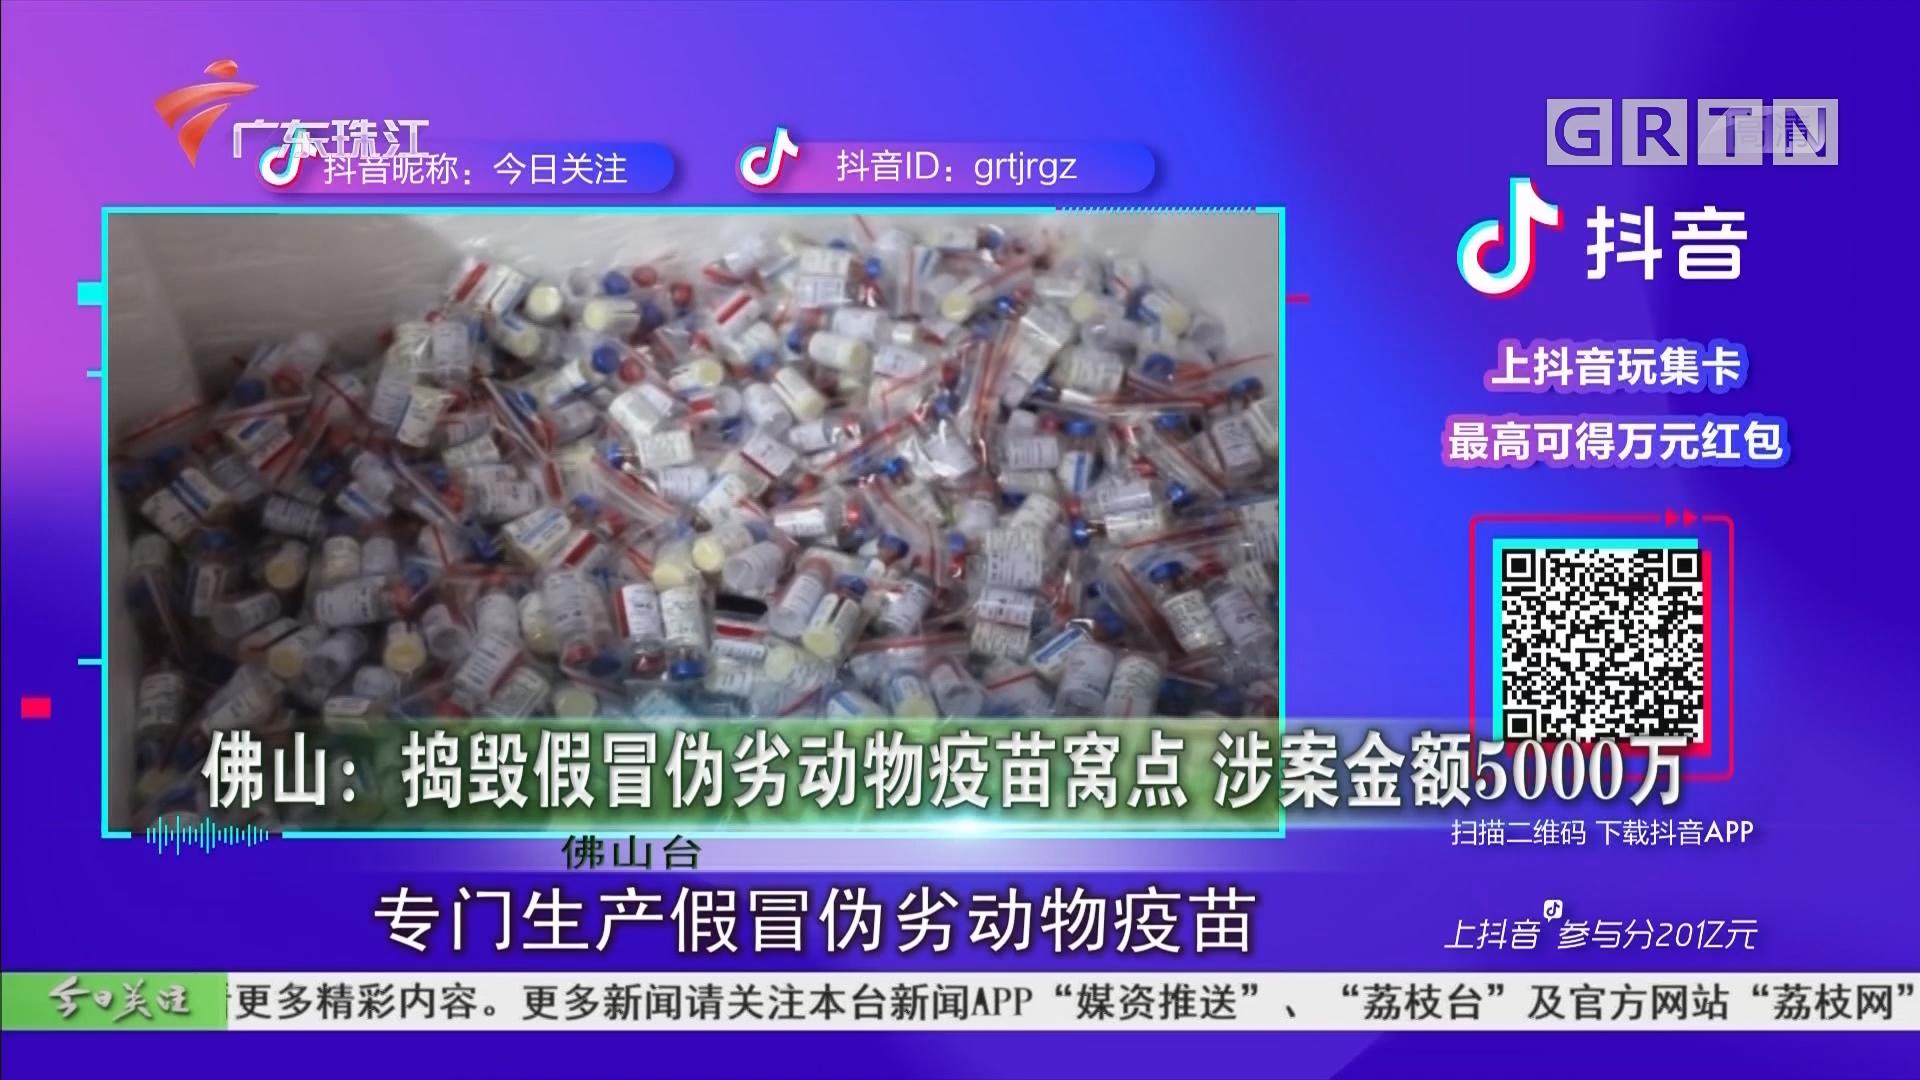 佛山:捣毁假冒伪劣动物疫苗窝点 涉案金额5000万